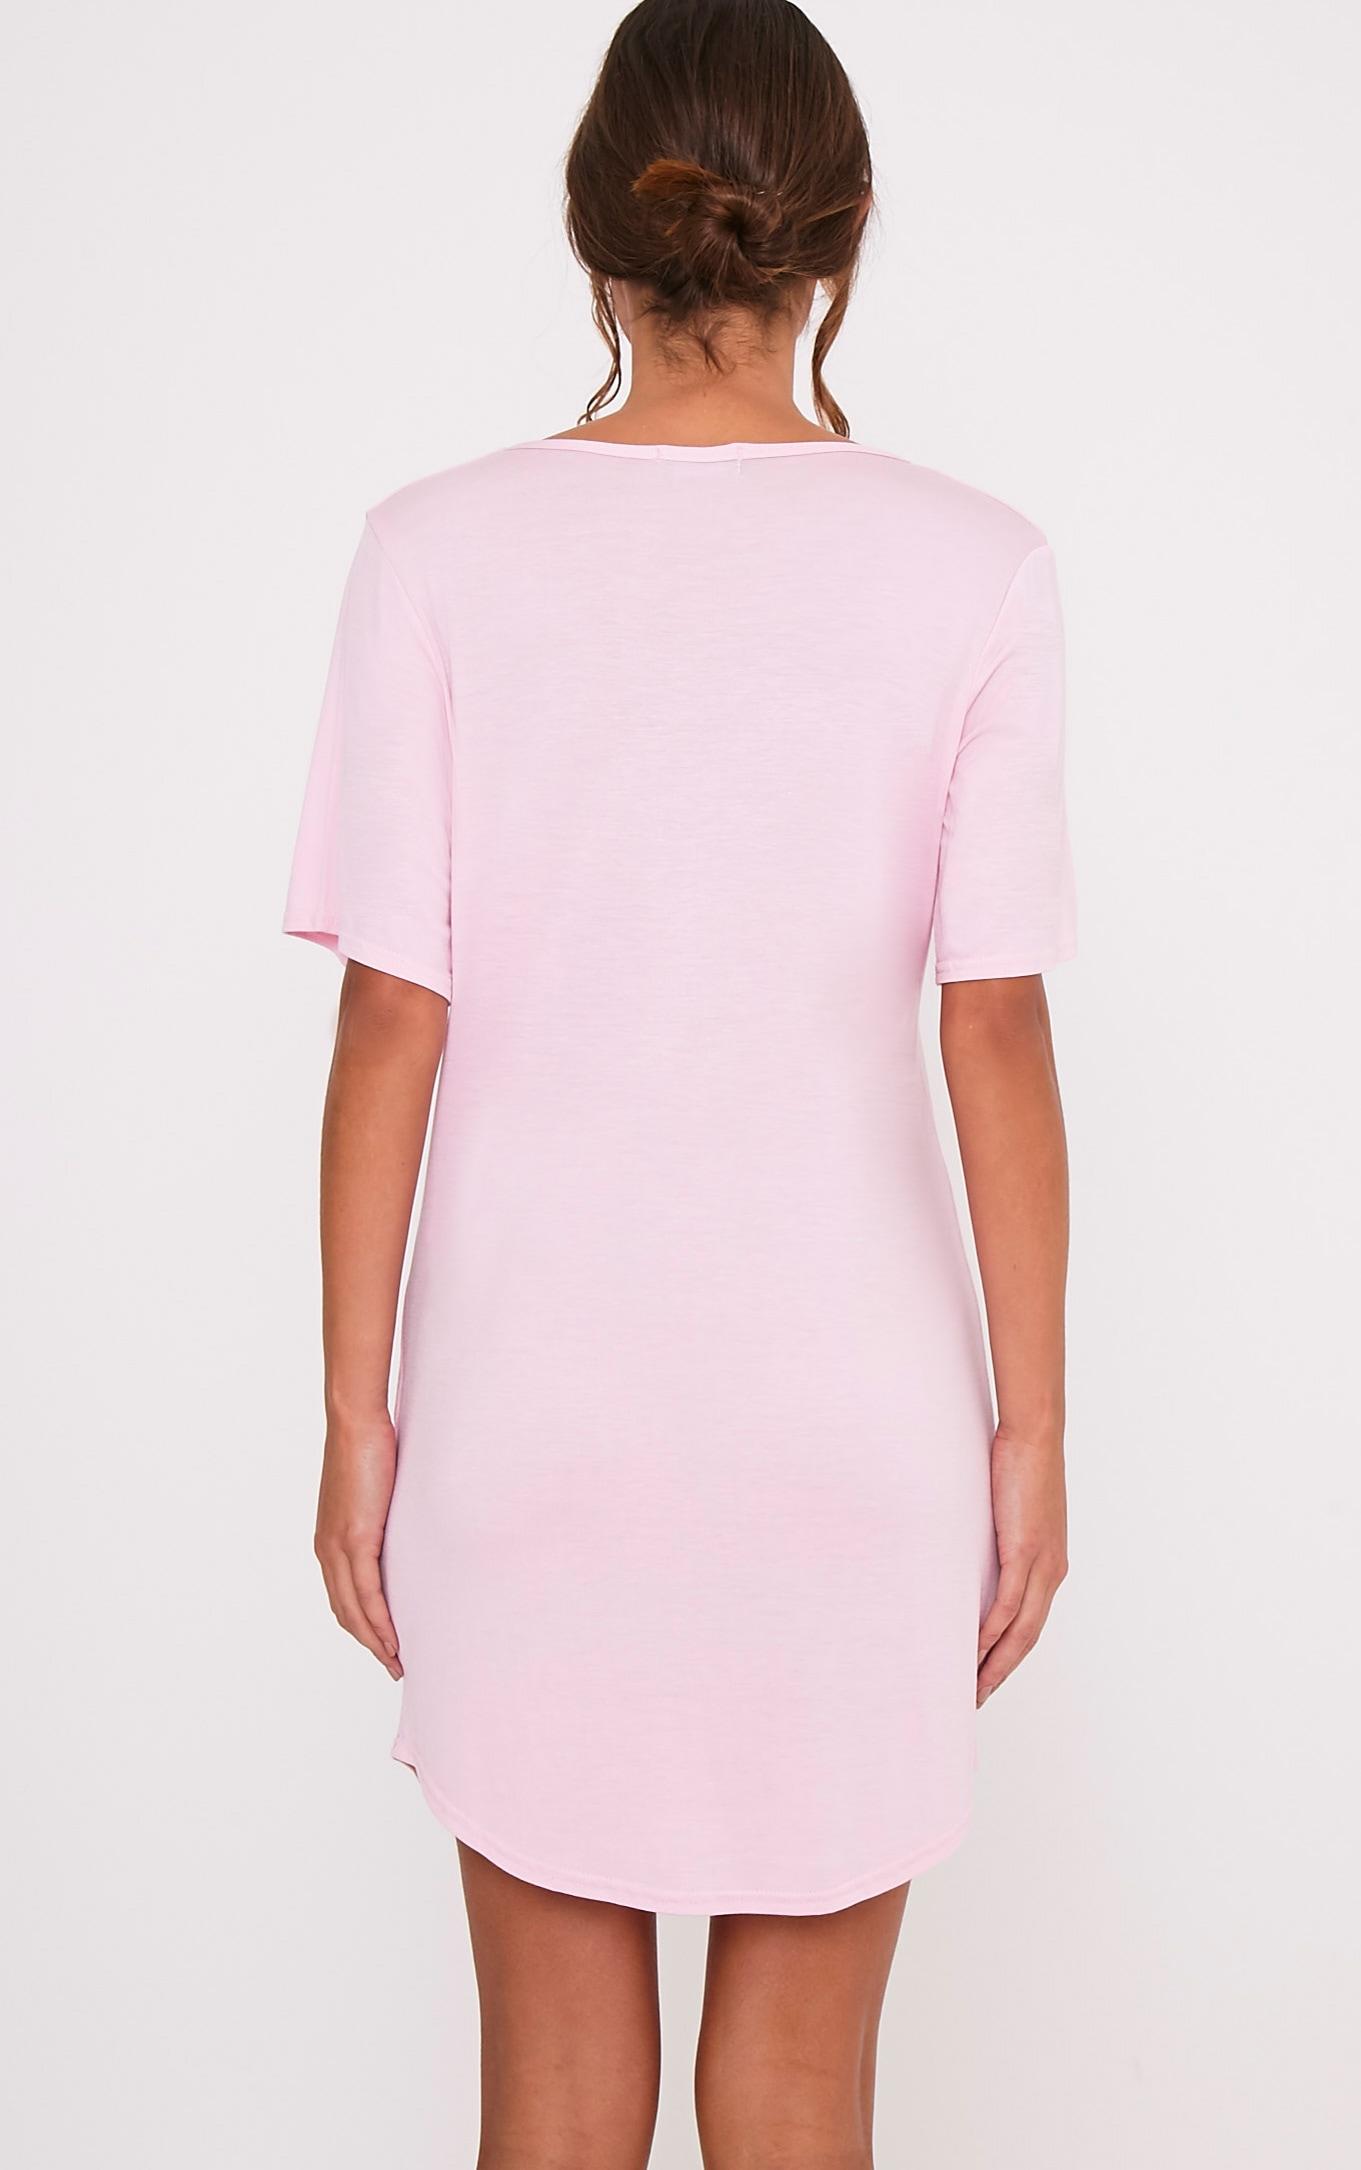 Chemise de nuit surdimensionnée rose bonbon à slogan Always a Bridesmaid 2